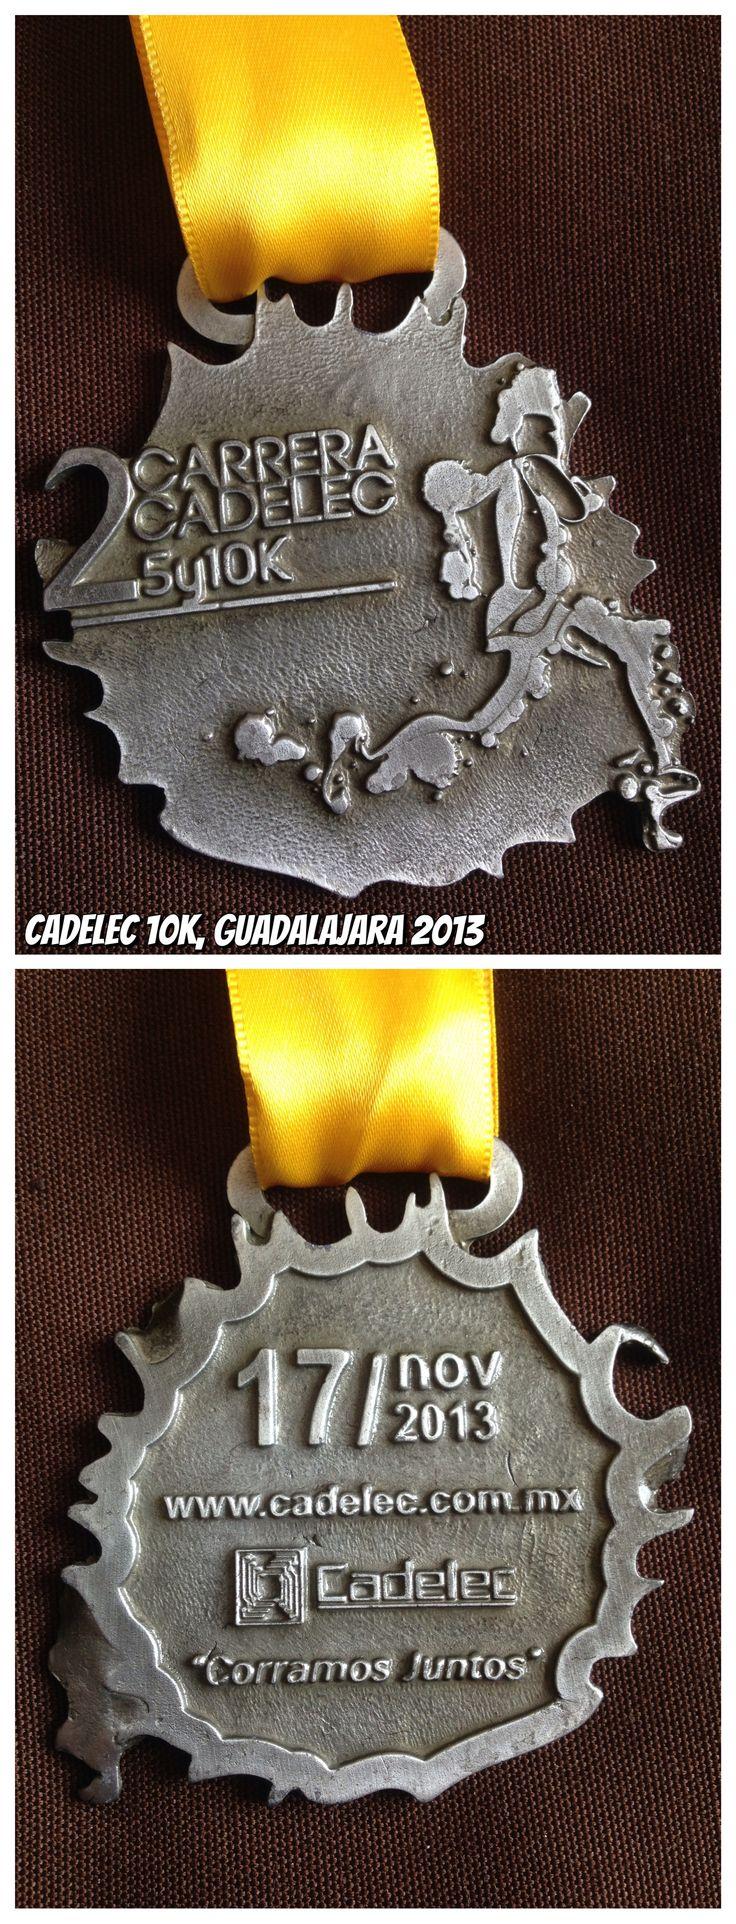 CADELEC 10K @ Guadalajara 2013